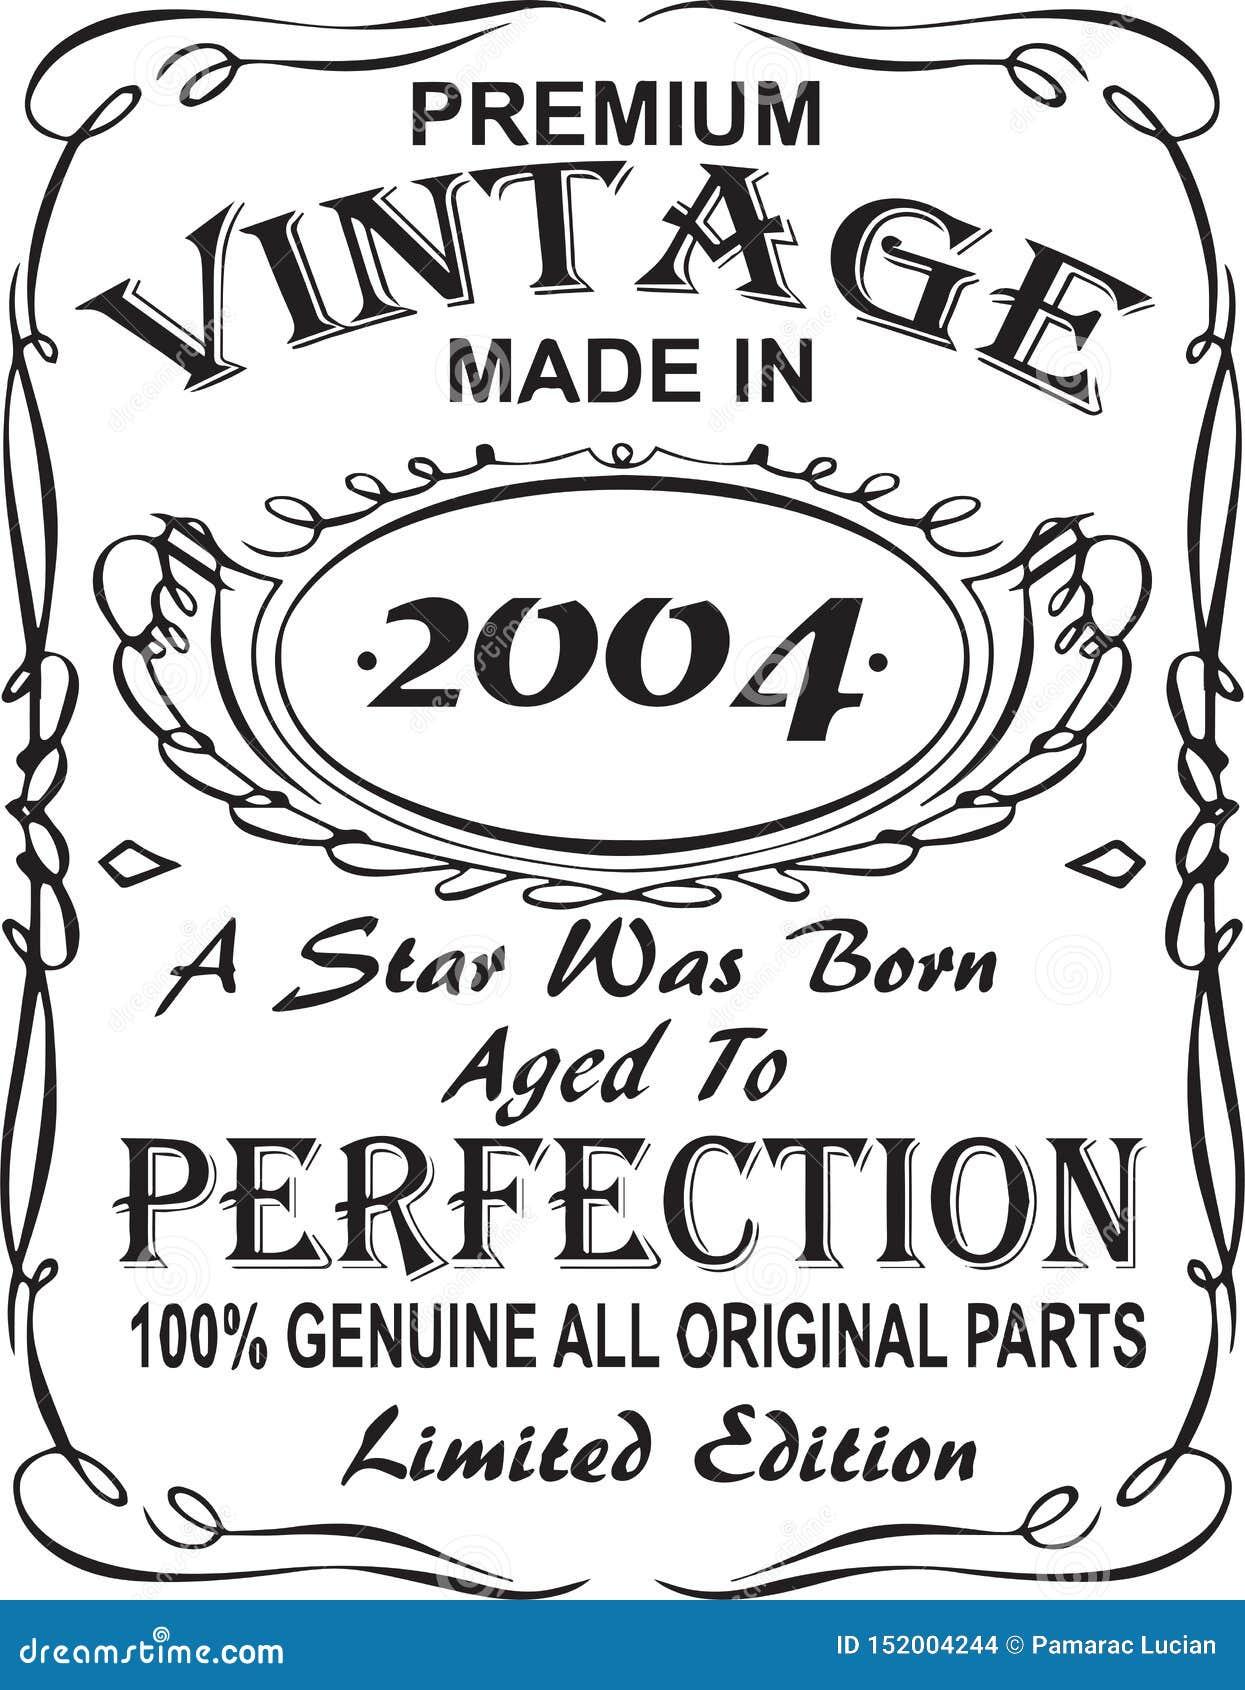 矢量T恤杉印刷品设计 优质葡萄酒在星出生的2004年做的变老了对完美100 真正所有原始的零件林